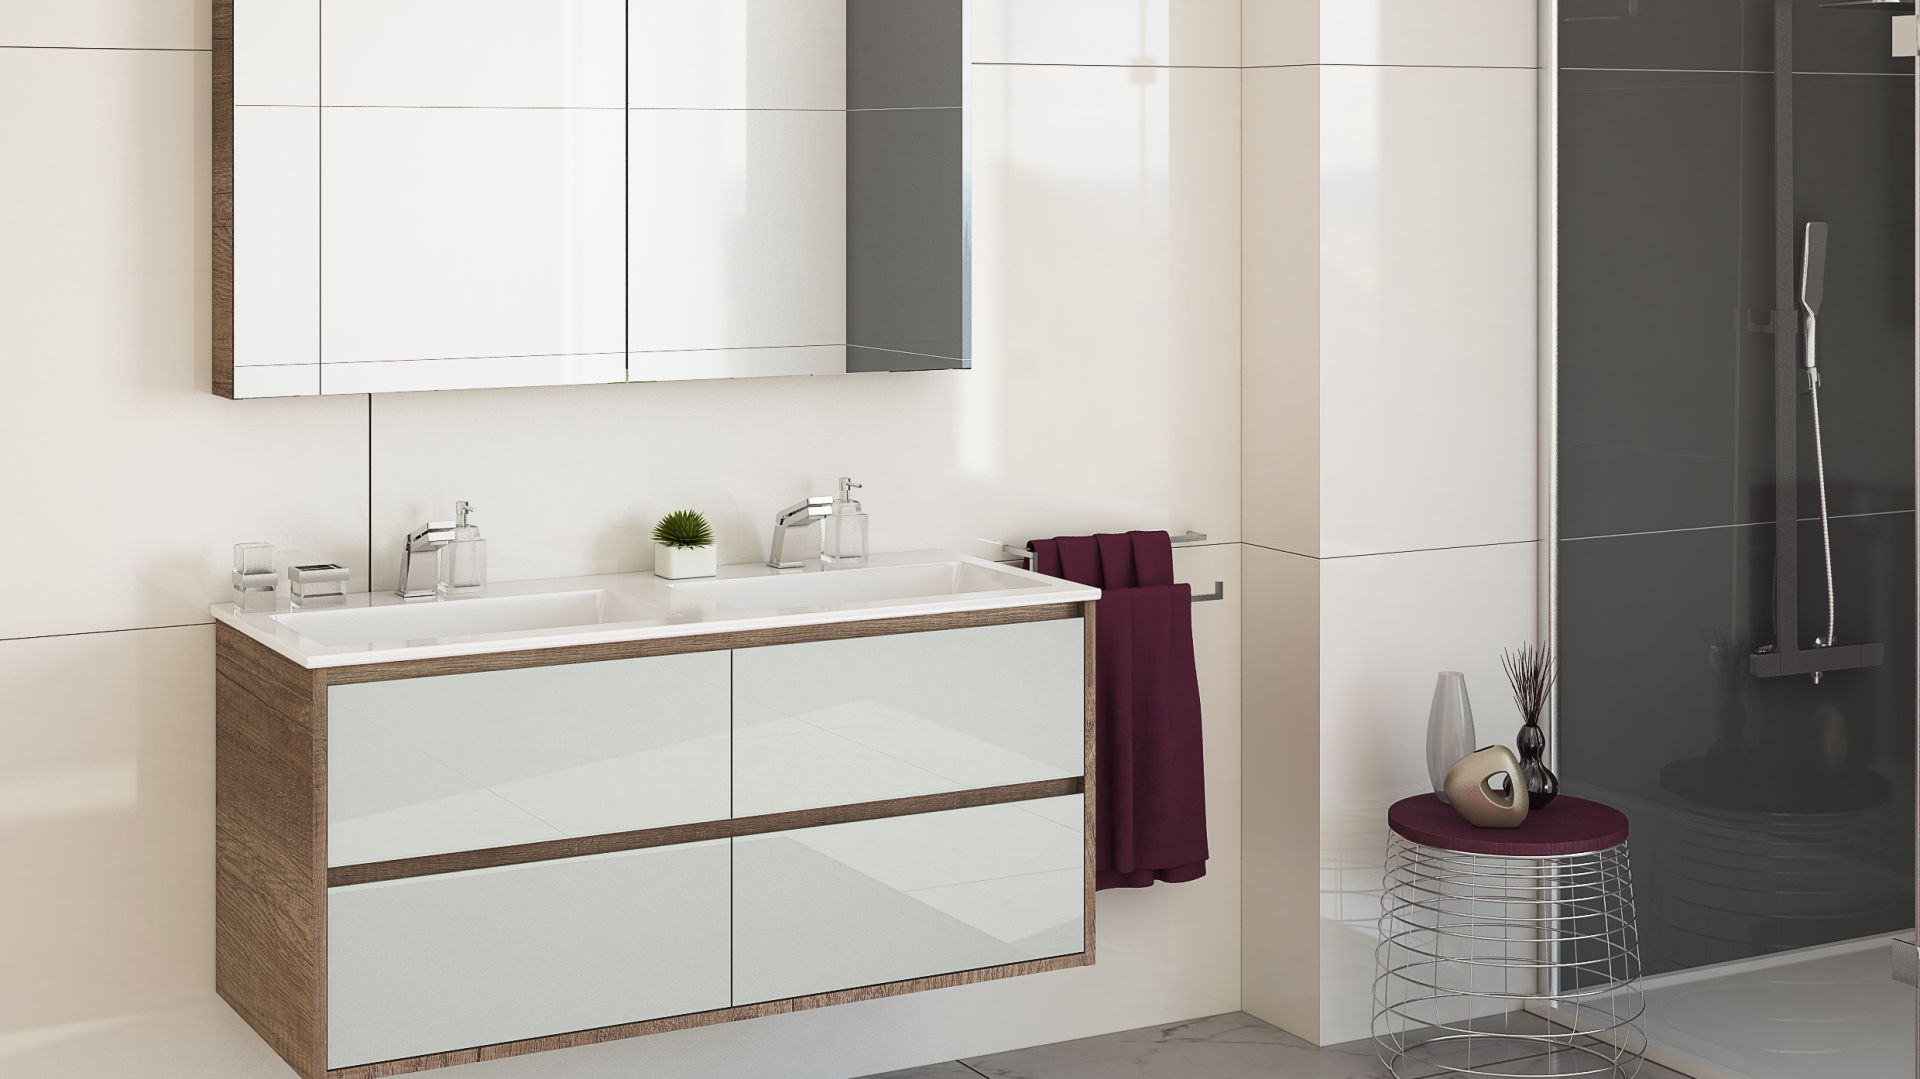 Mała łazienka - wybierz meble podwieszane